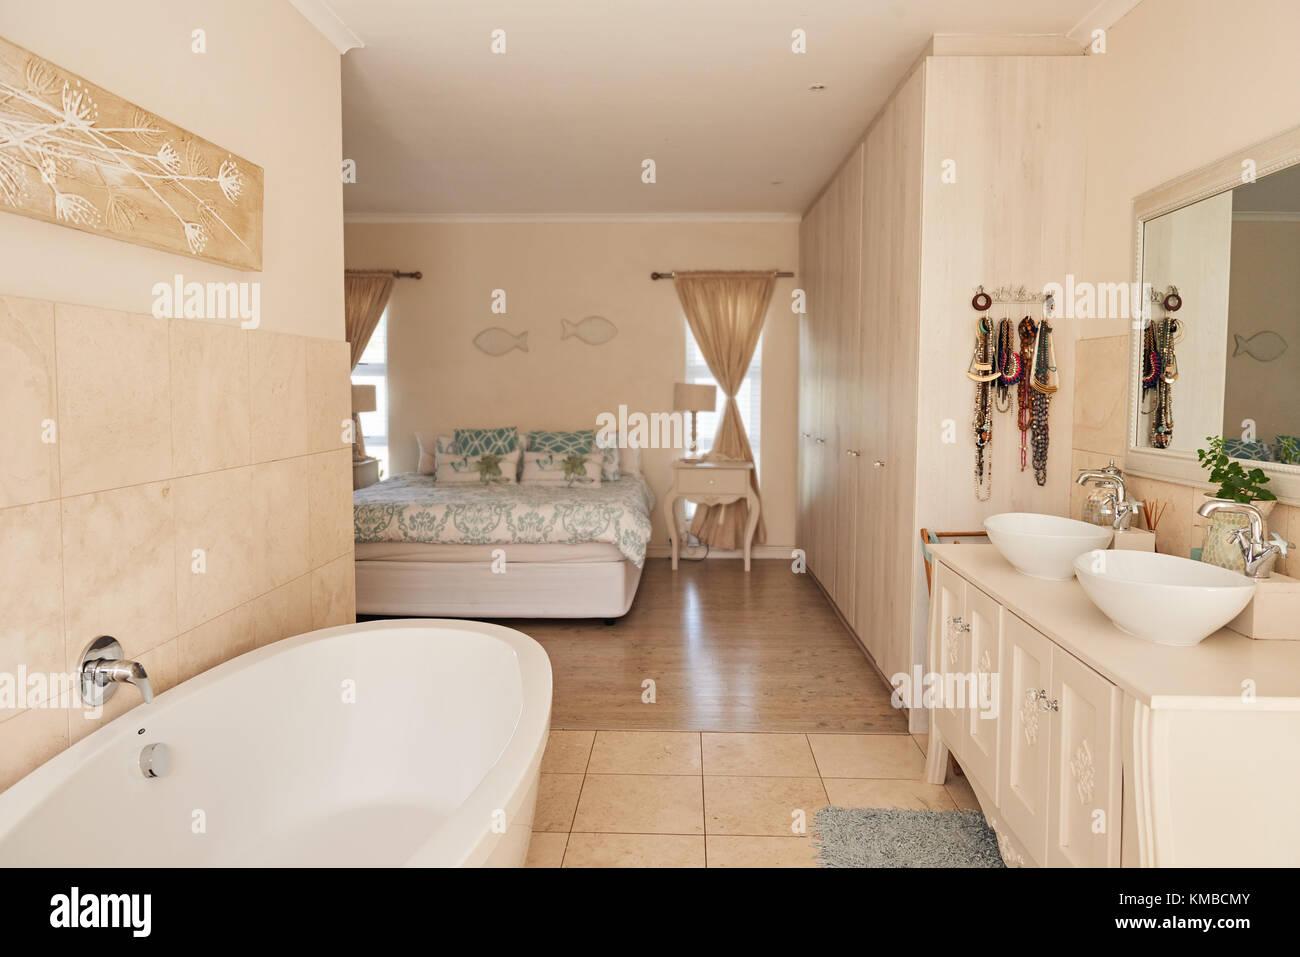 Bagno moderno interno in una elegante dimora suburbana Foto ...